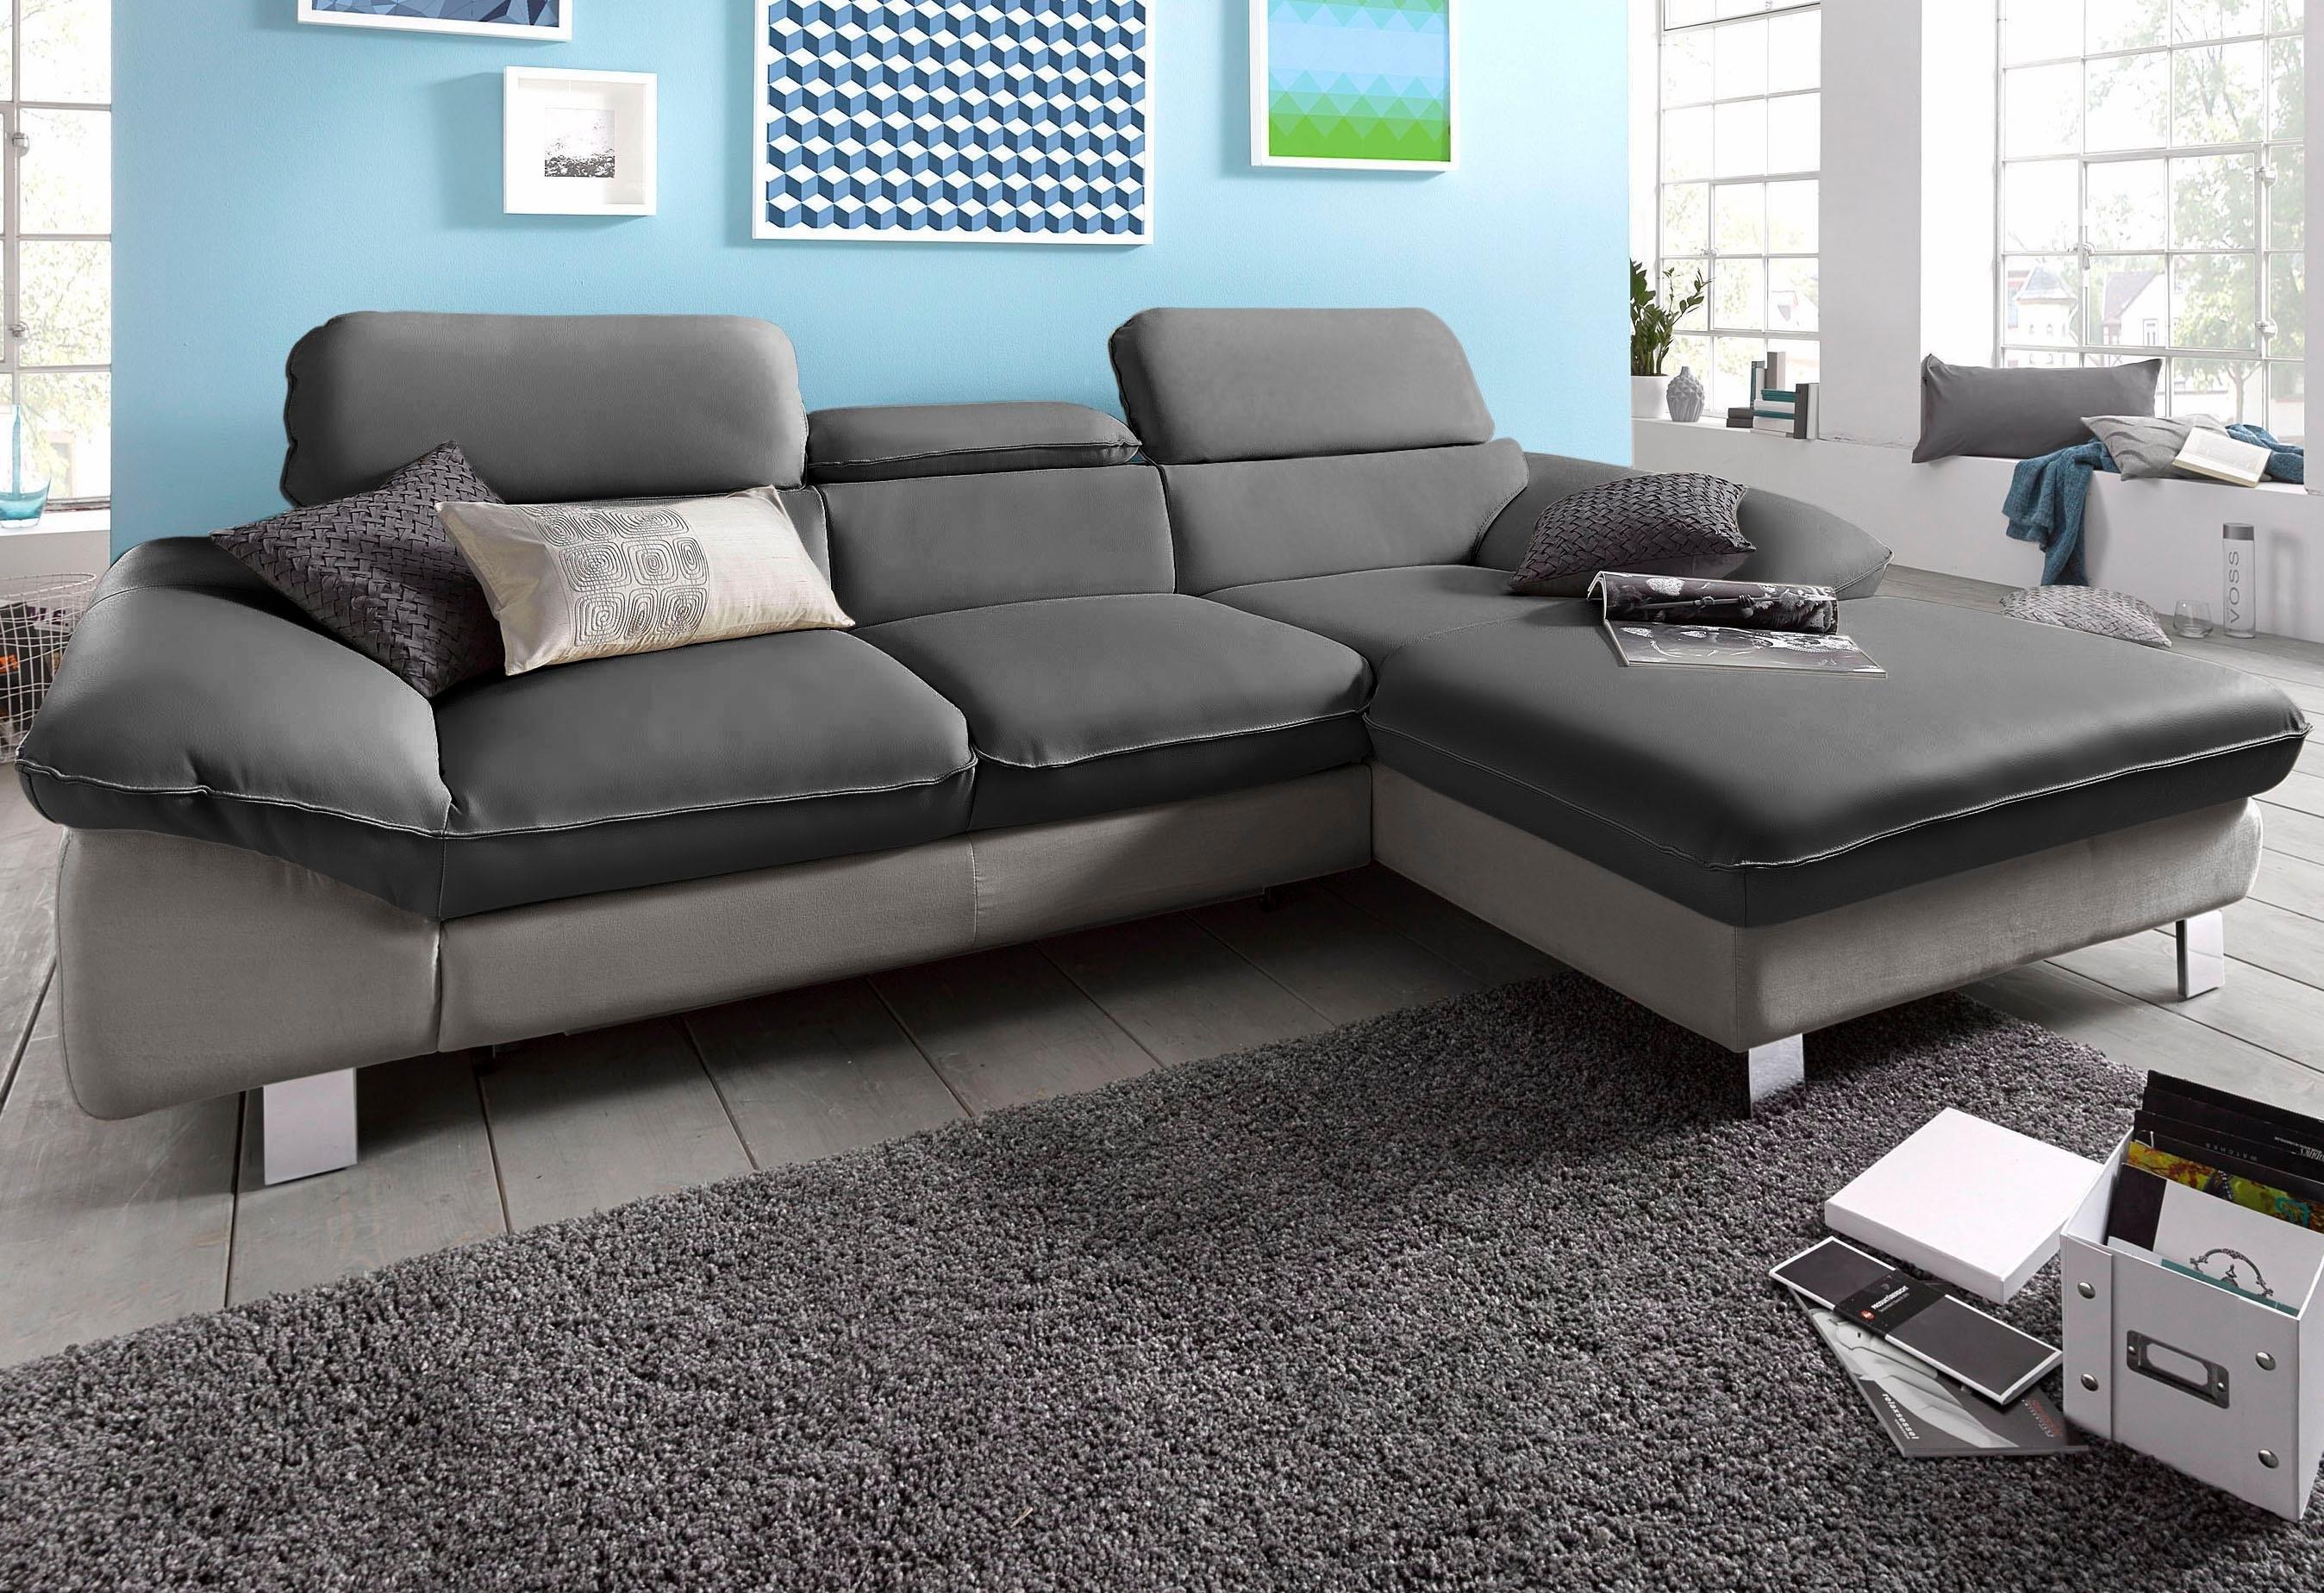 Hoekbank Chaise Lounge.Cotta Hoekbank Met Chaise Longue Naar Keuze Met Slaapfunctie Online